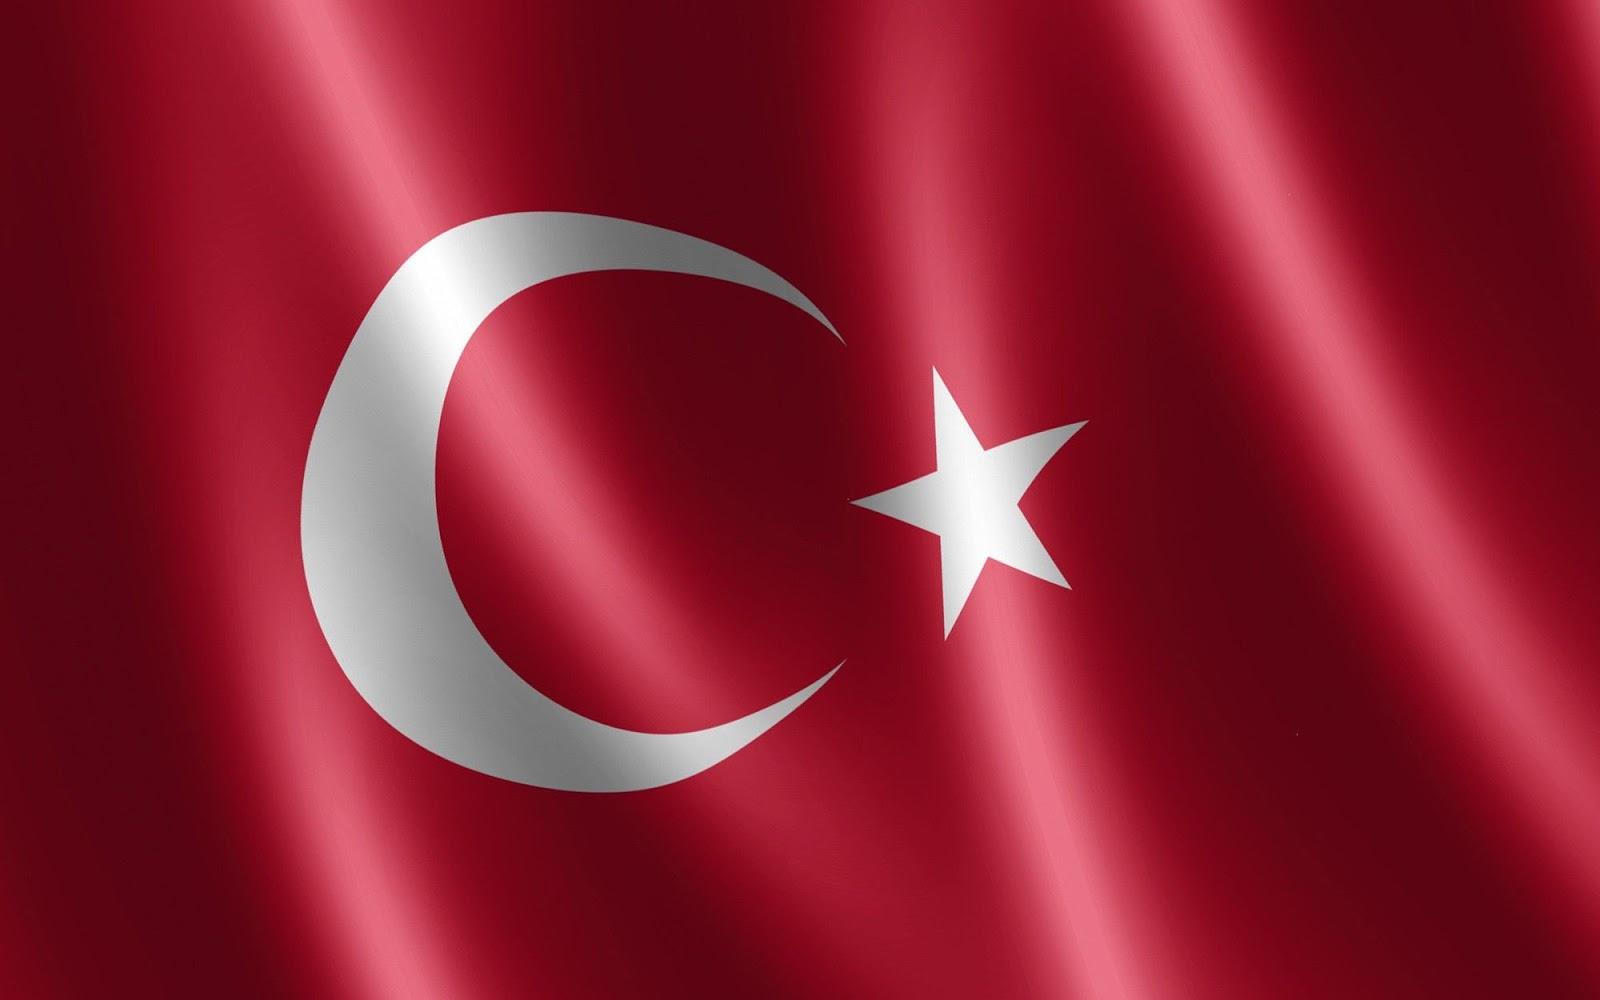 Trabzon Bayrak İmalatı ve Bayrak Üretimi